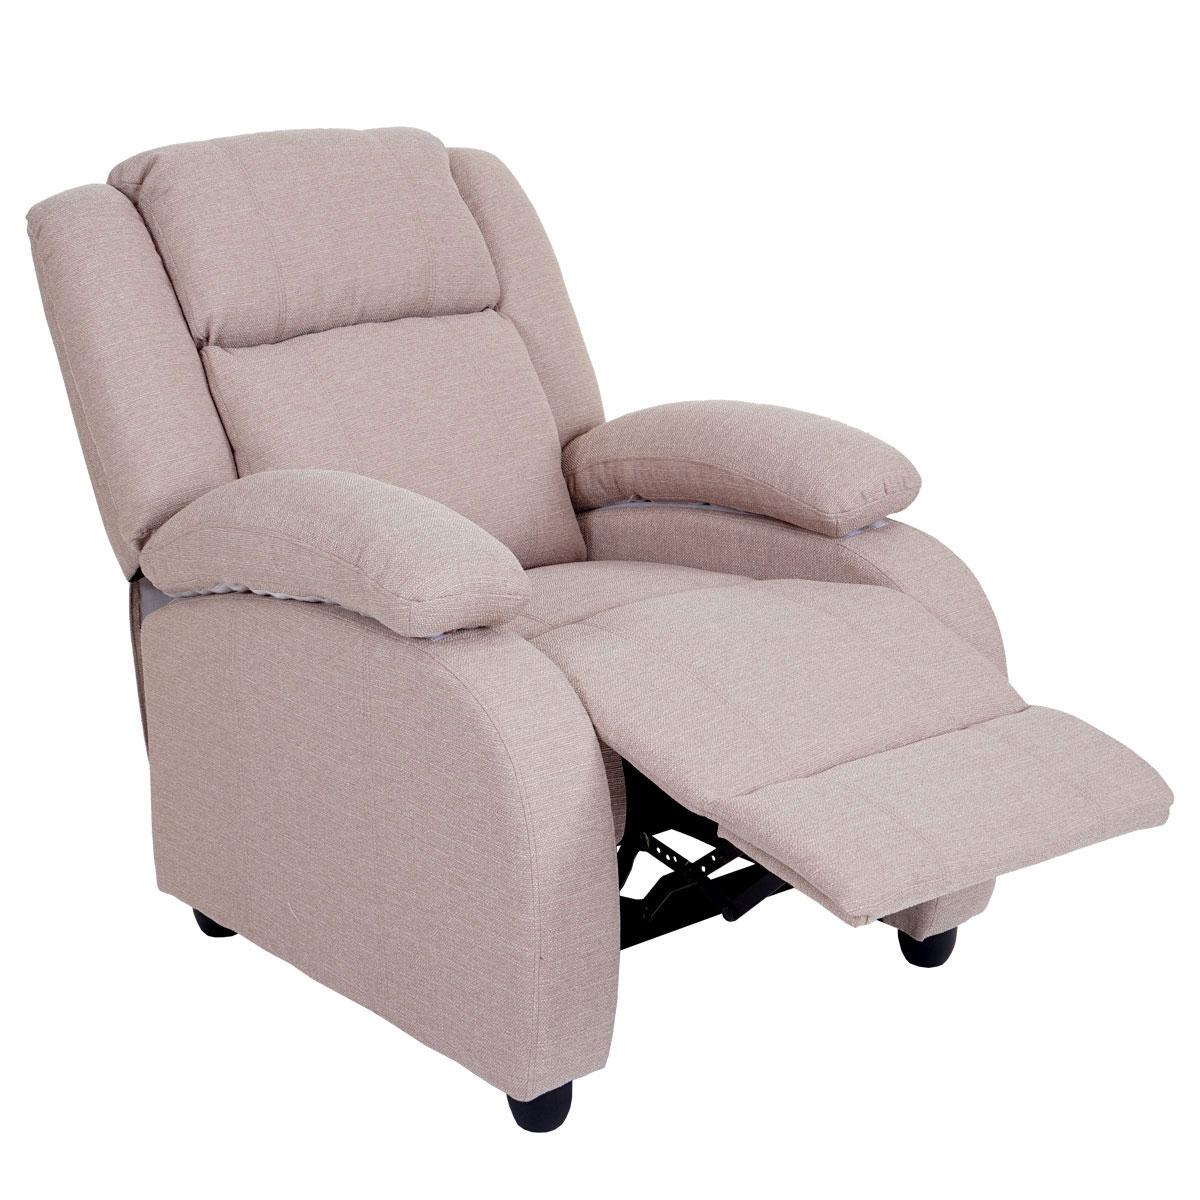 Eitelkeit Fernsehsessel Stoff Foto Von Lincoln, Relaxsessel Liege Sessel, Stoff/textil ~ Creme-grau